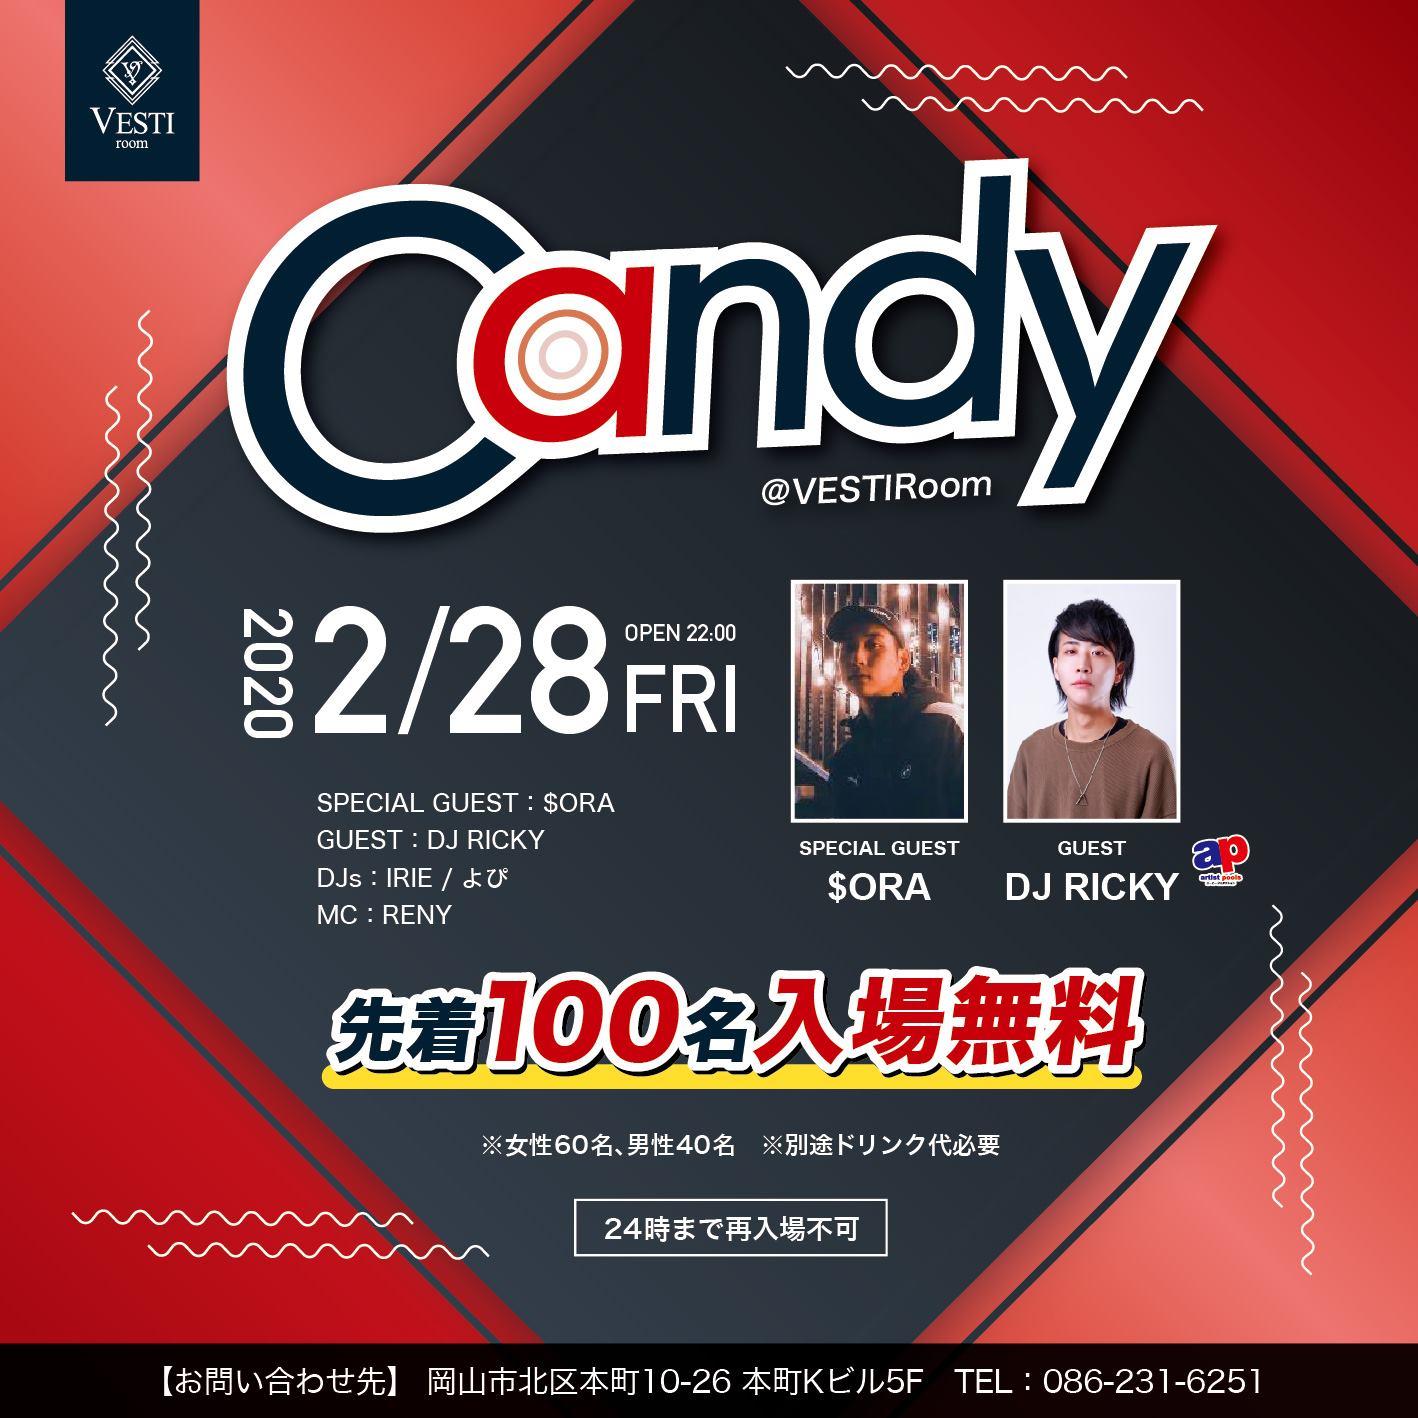 CANDY ~Guest : DJ Ricky~ 先着100名様入場無料